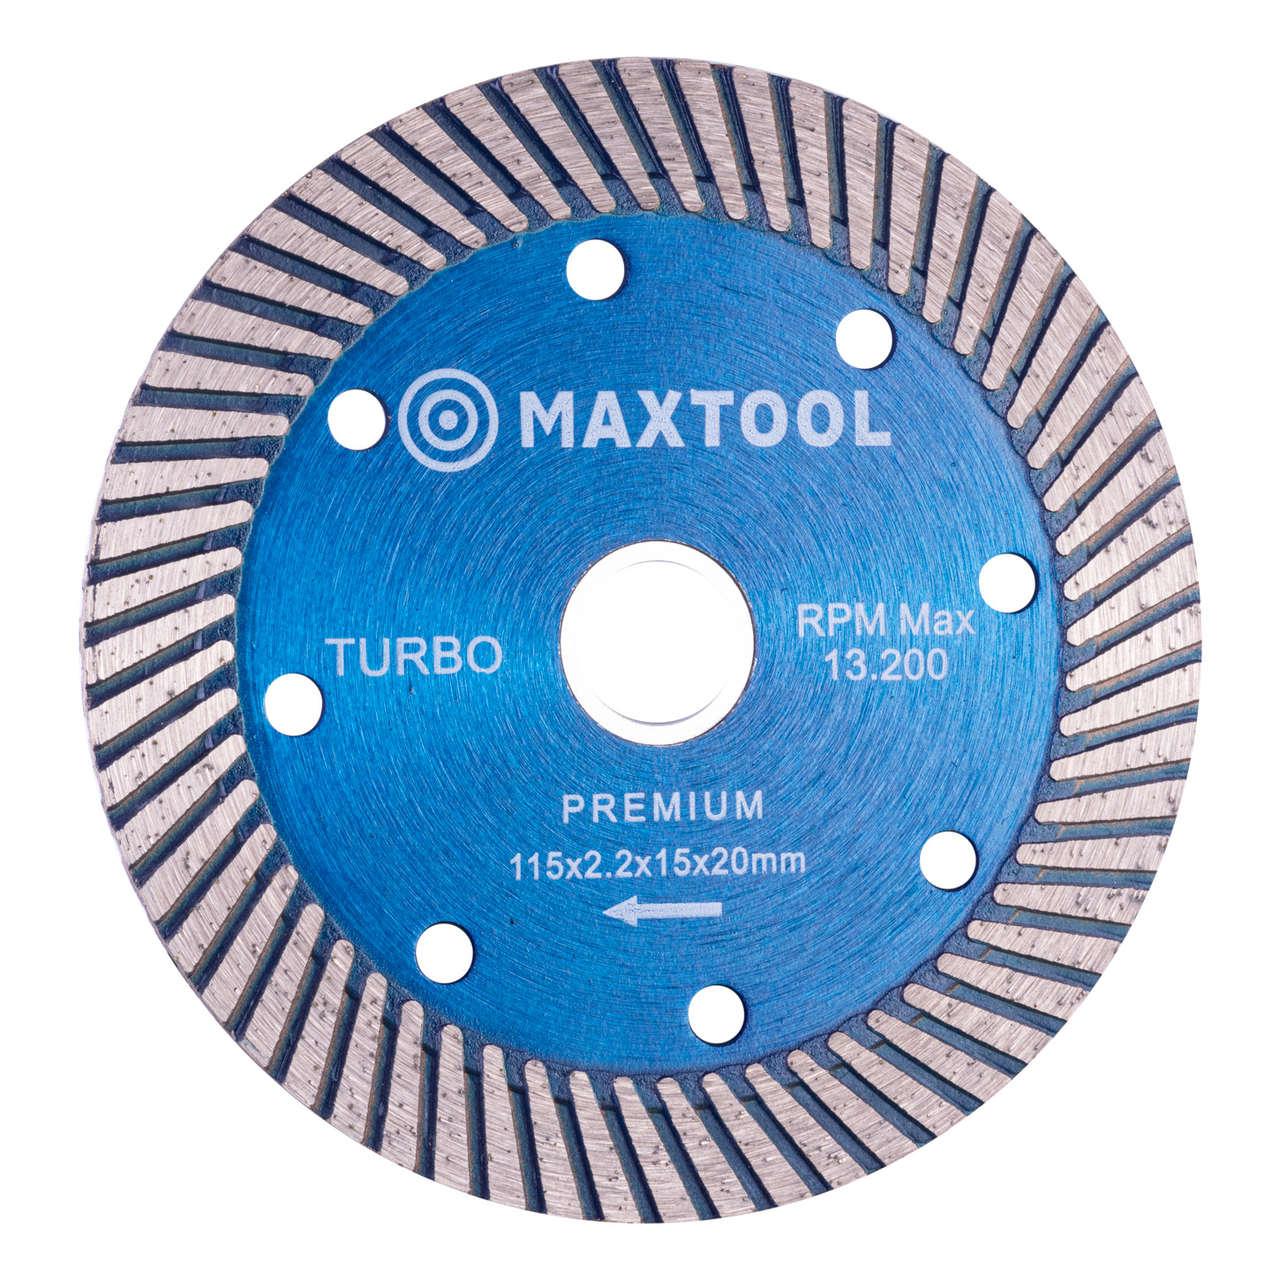 Disco diamantado extra turbo maxtool 115mm